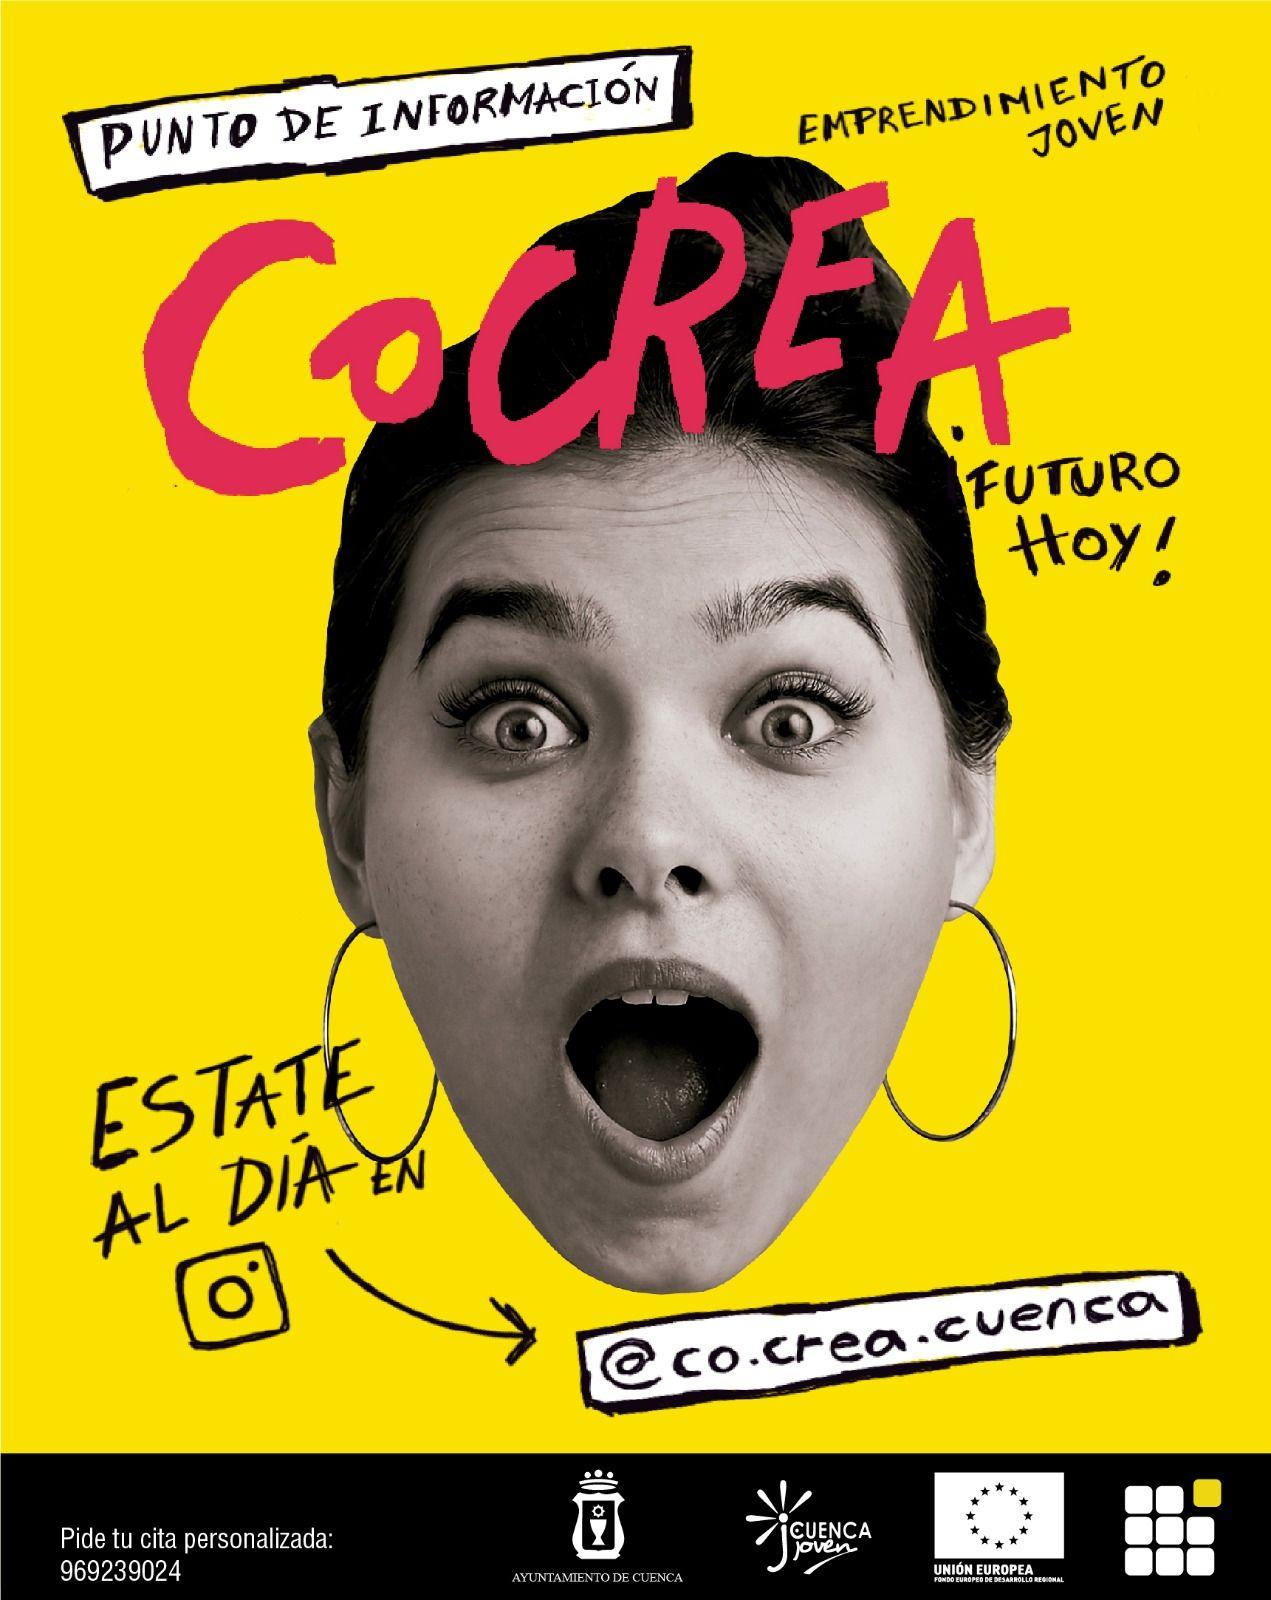 La Concejalía de Juventud pone en marcha CoCrea, punto de información y asesoramiento sobre formación y emprendimiento